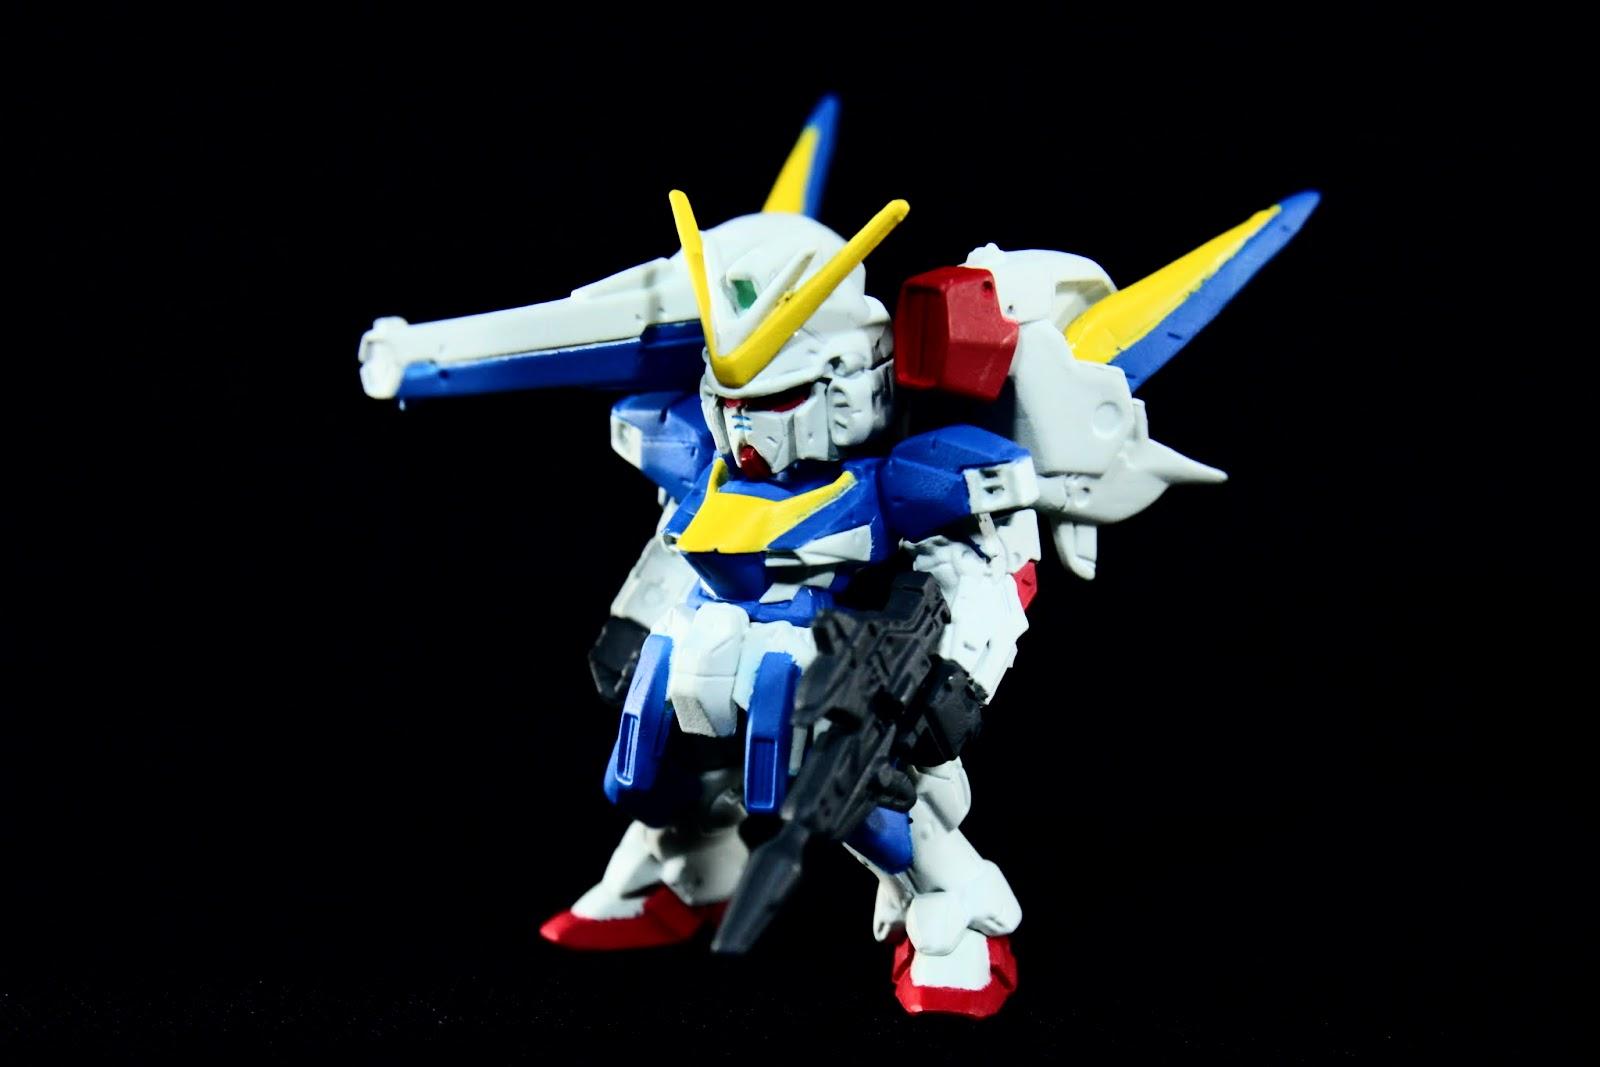 除了肩膀的長距離加農外, 左肩則是擴散粒子炮